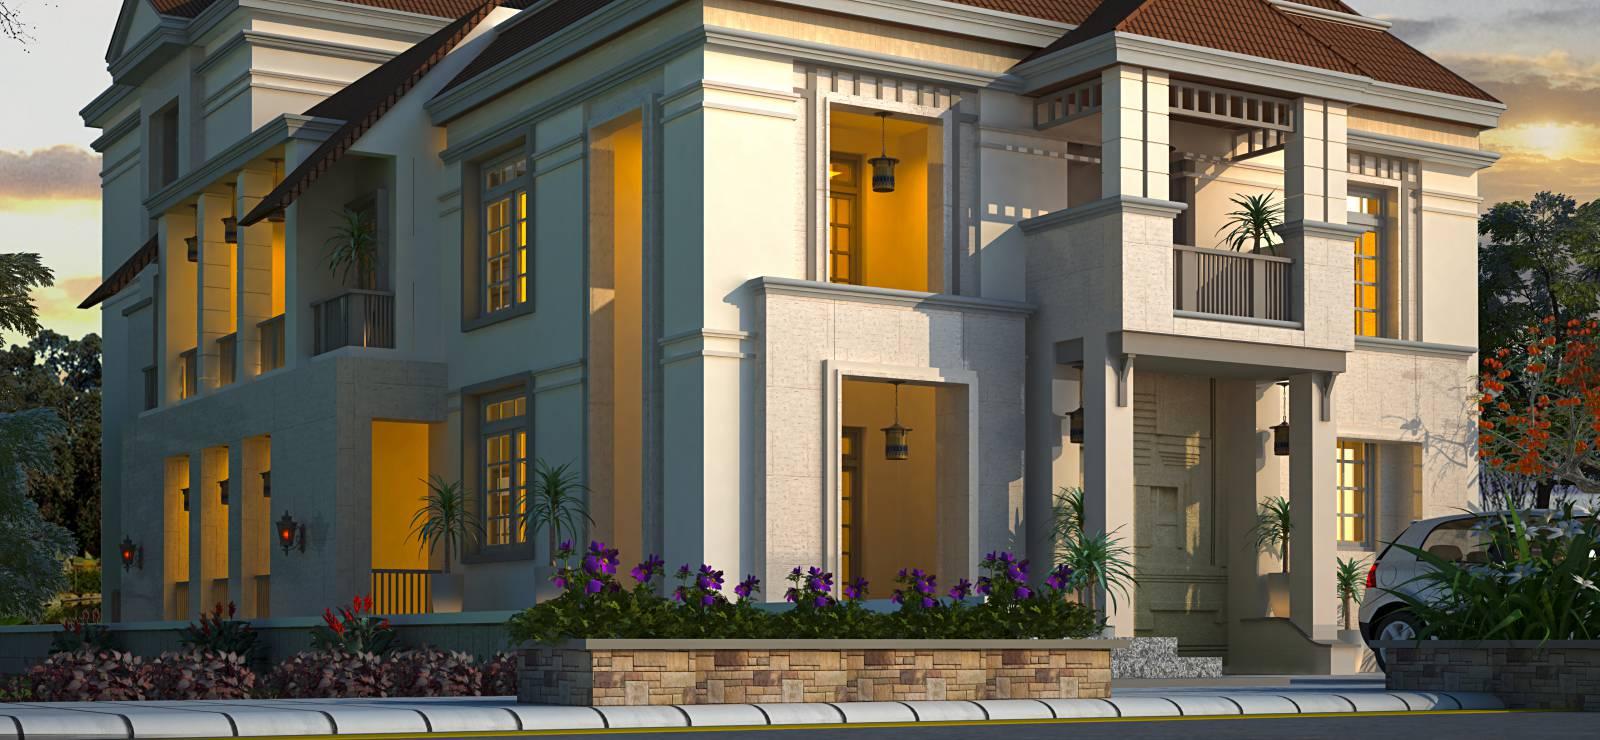 Krishna Reddy's residence